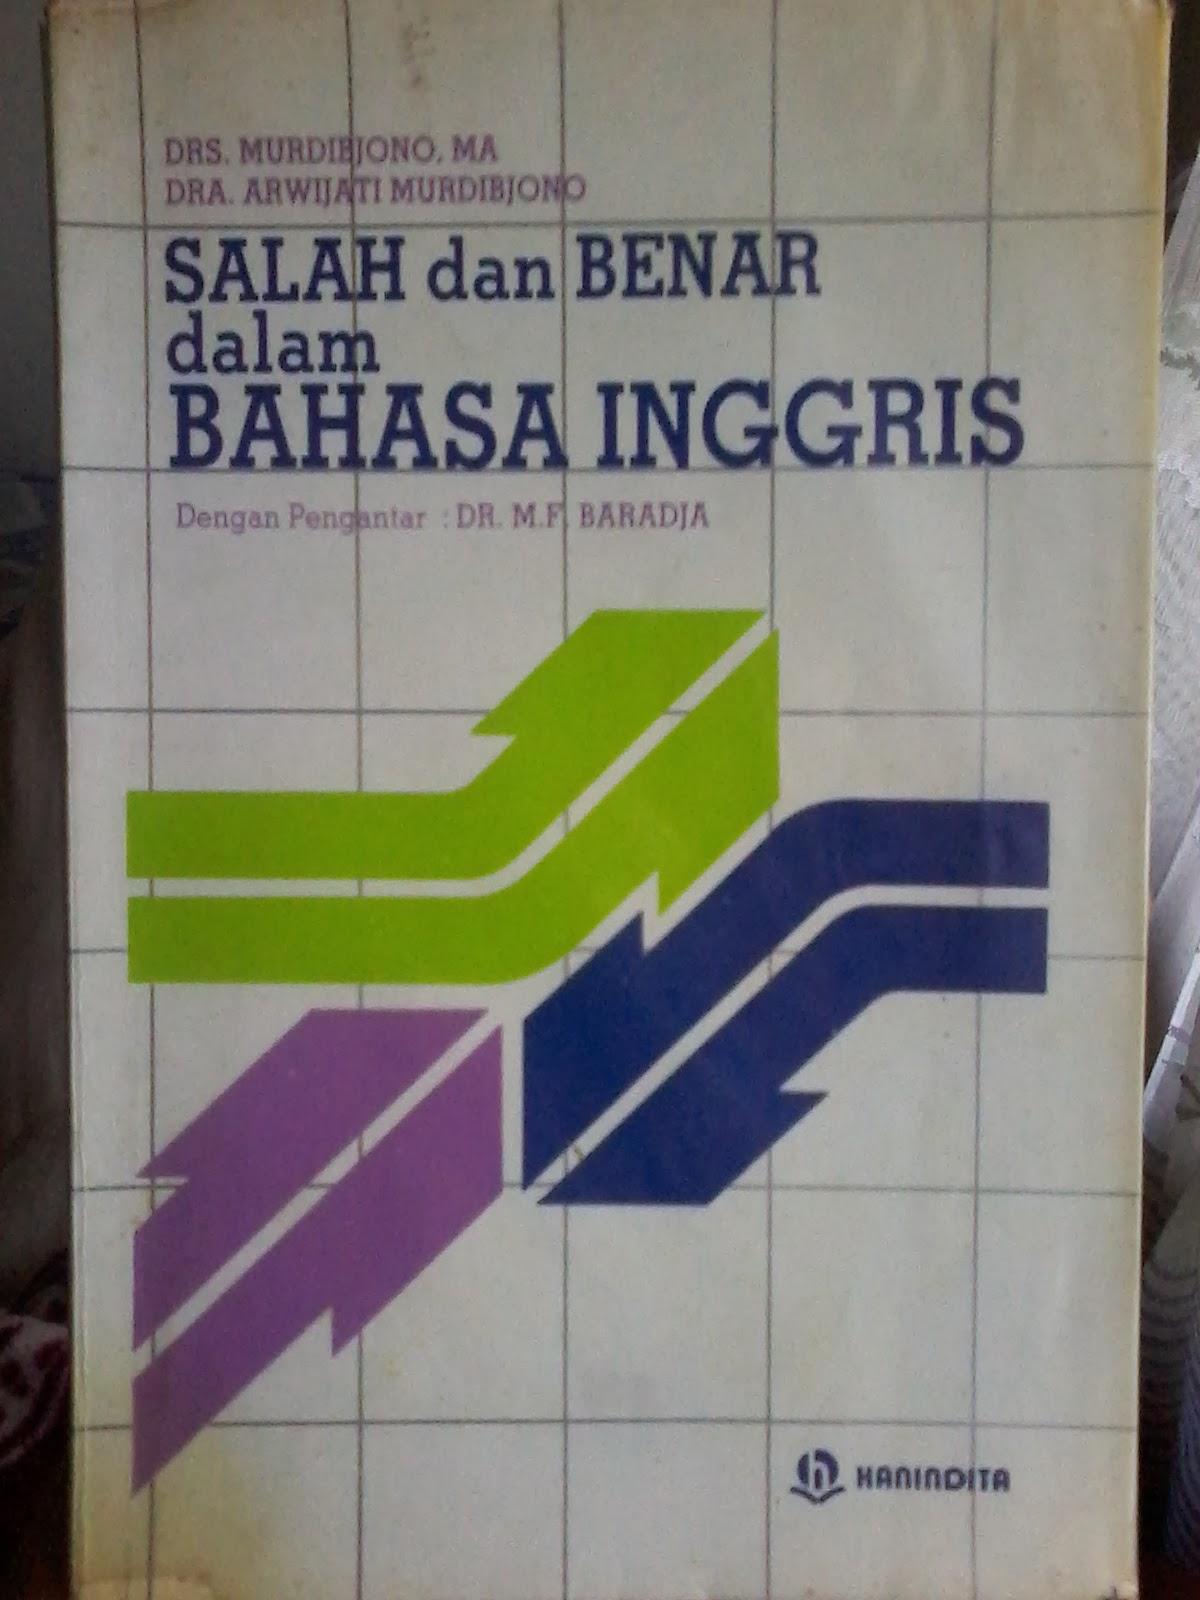 Terjemahan Yang Tepat Dalam Bahasa Indonesia Adalah